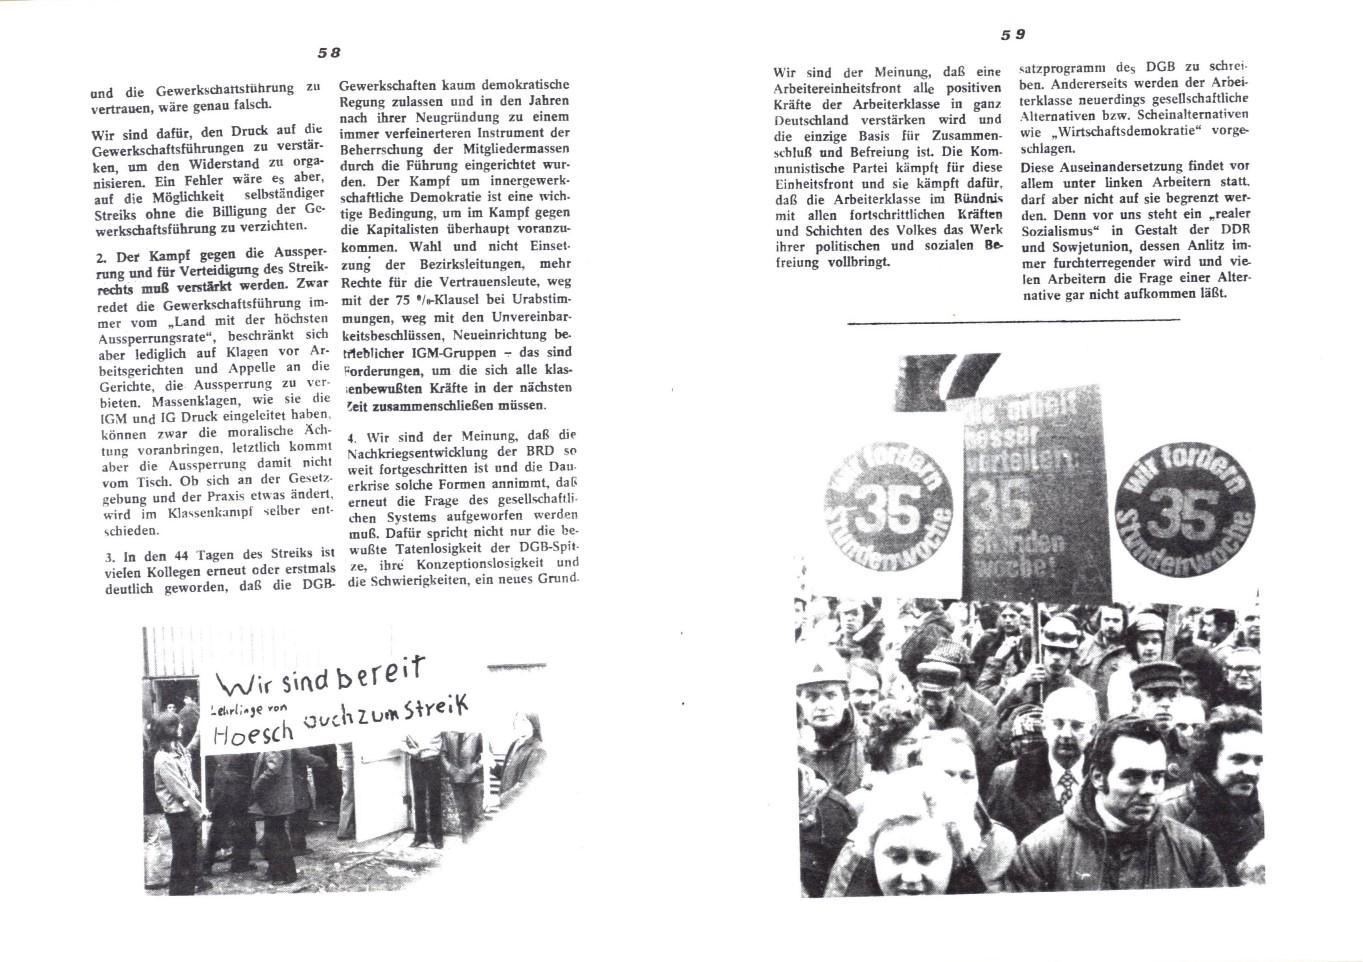 KPDAO_1979_Streik_in_der_Stahlindustrie_31